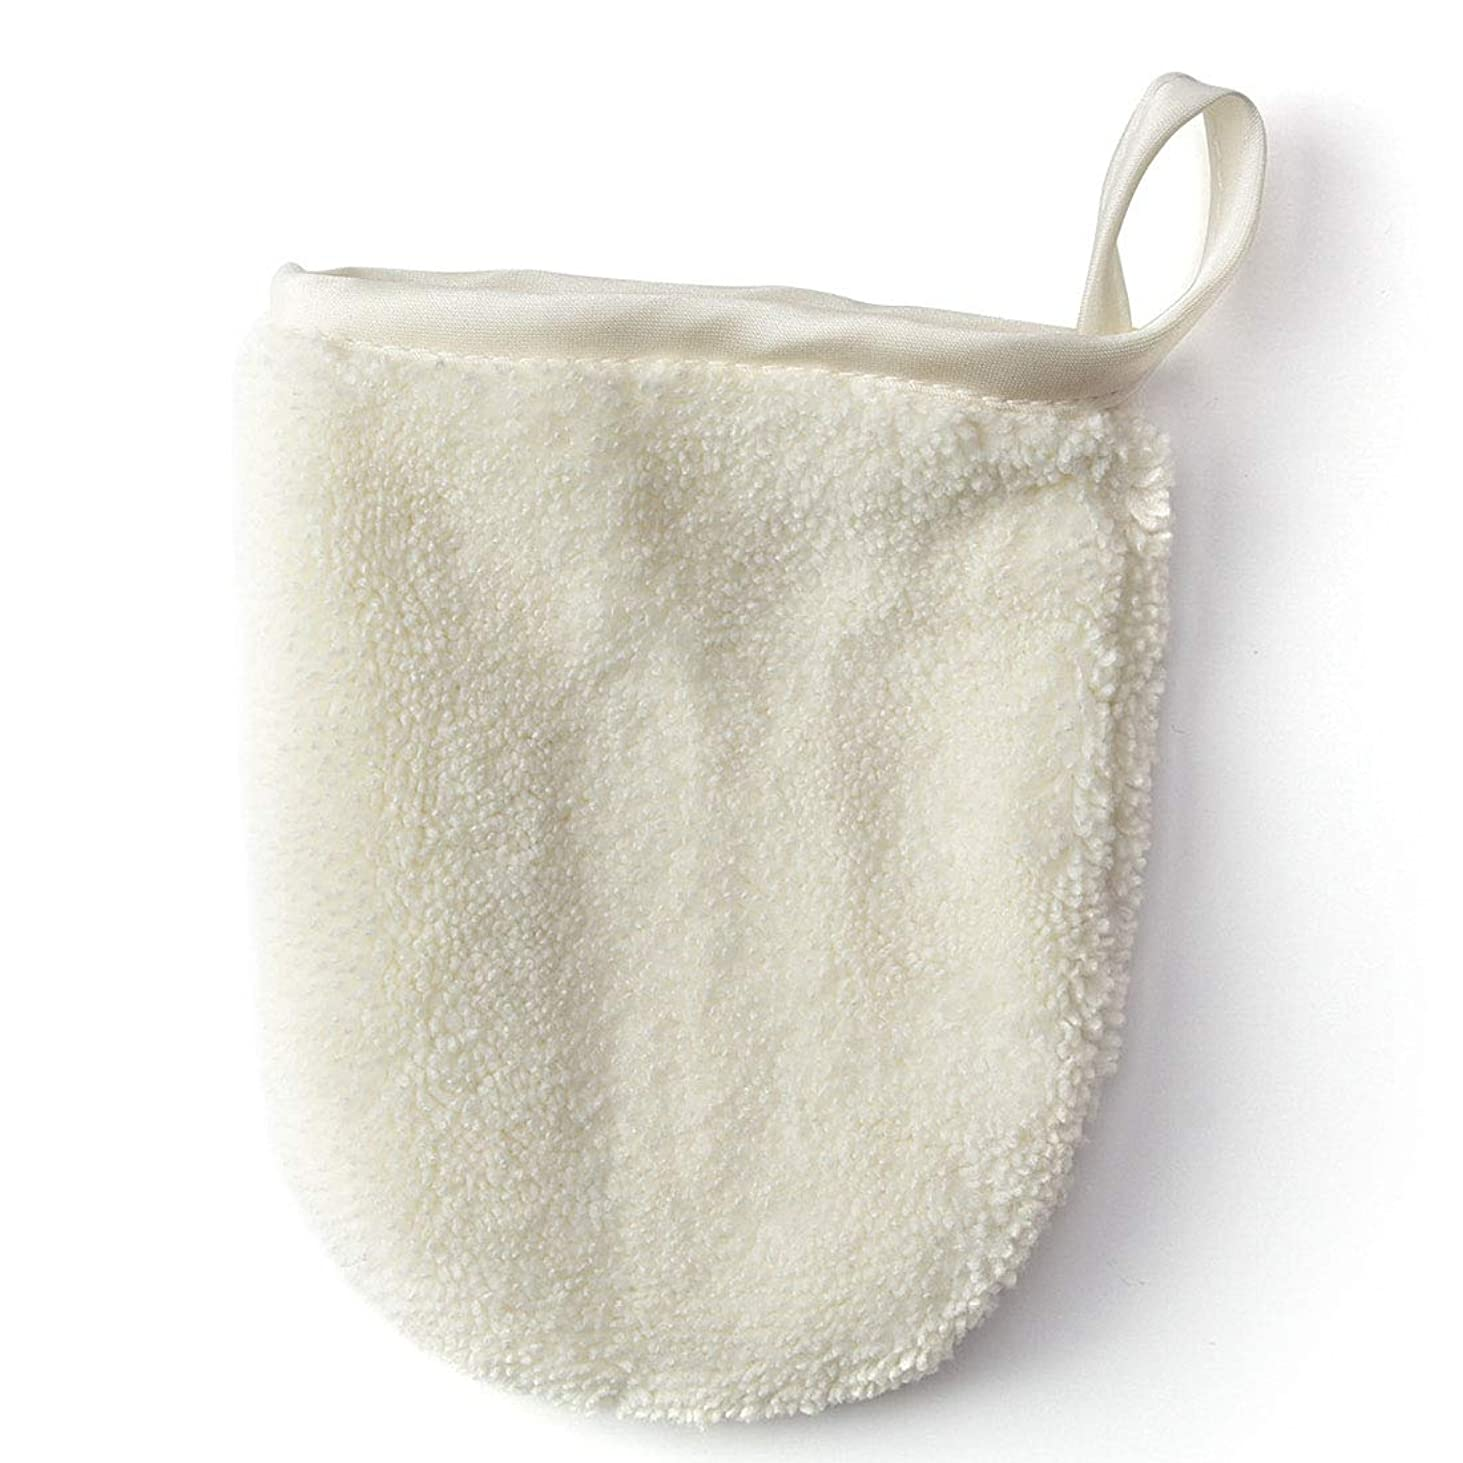 失敗交換コカインメイク落とし布マジックタオル、再使用可能な洗顔タオル - 化学薬品は、ただ水で化粧をすぐに取除きます(5PCS),White